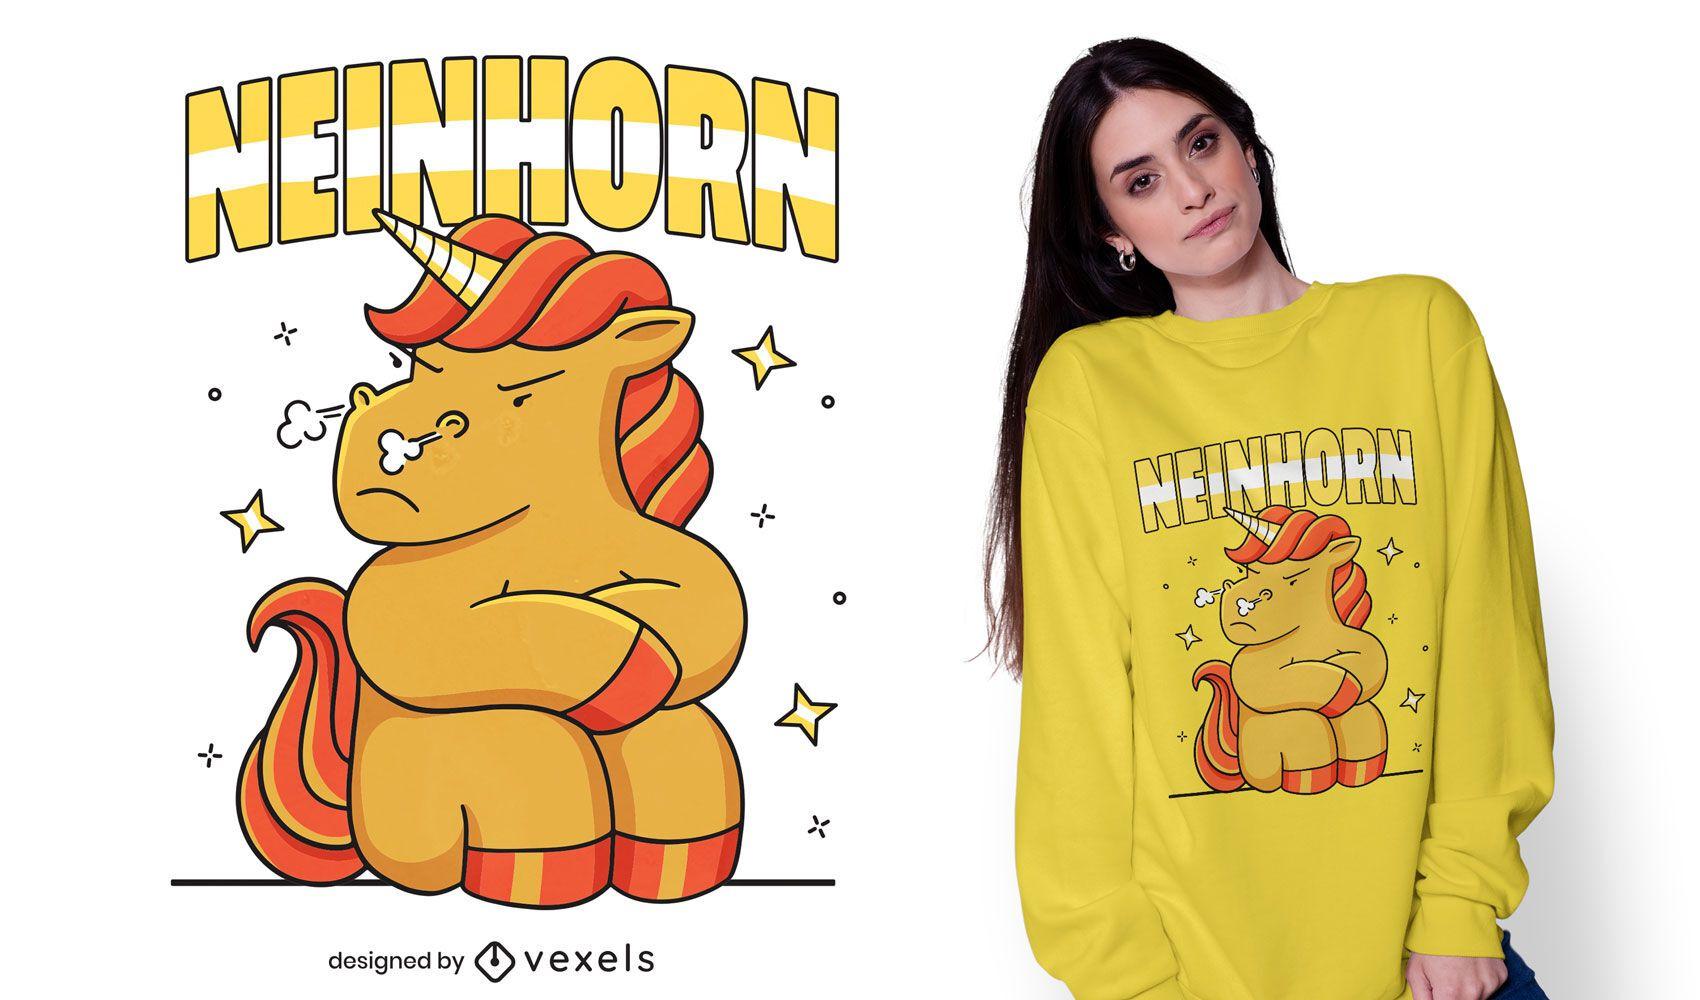 Neinhorn t-shirt design